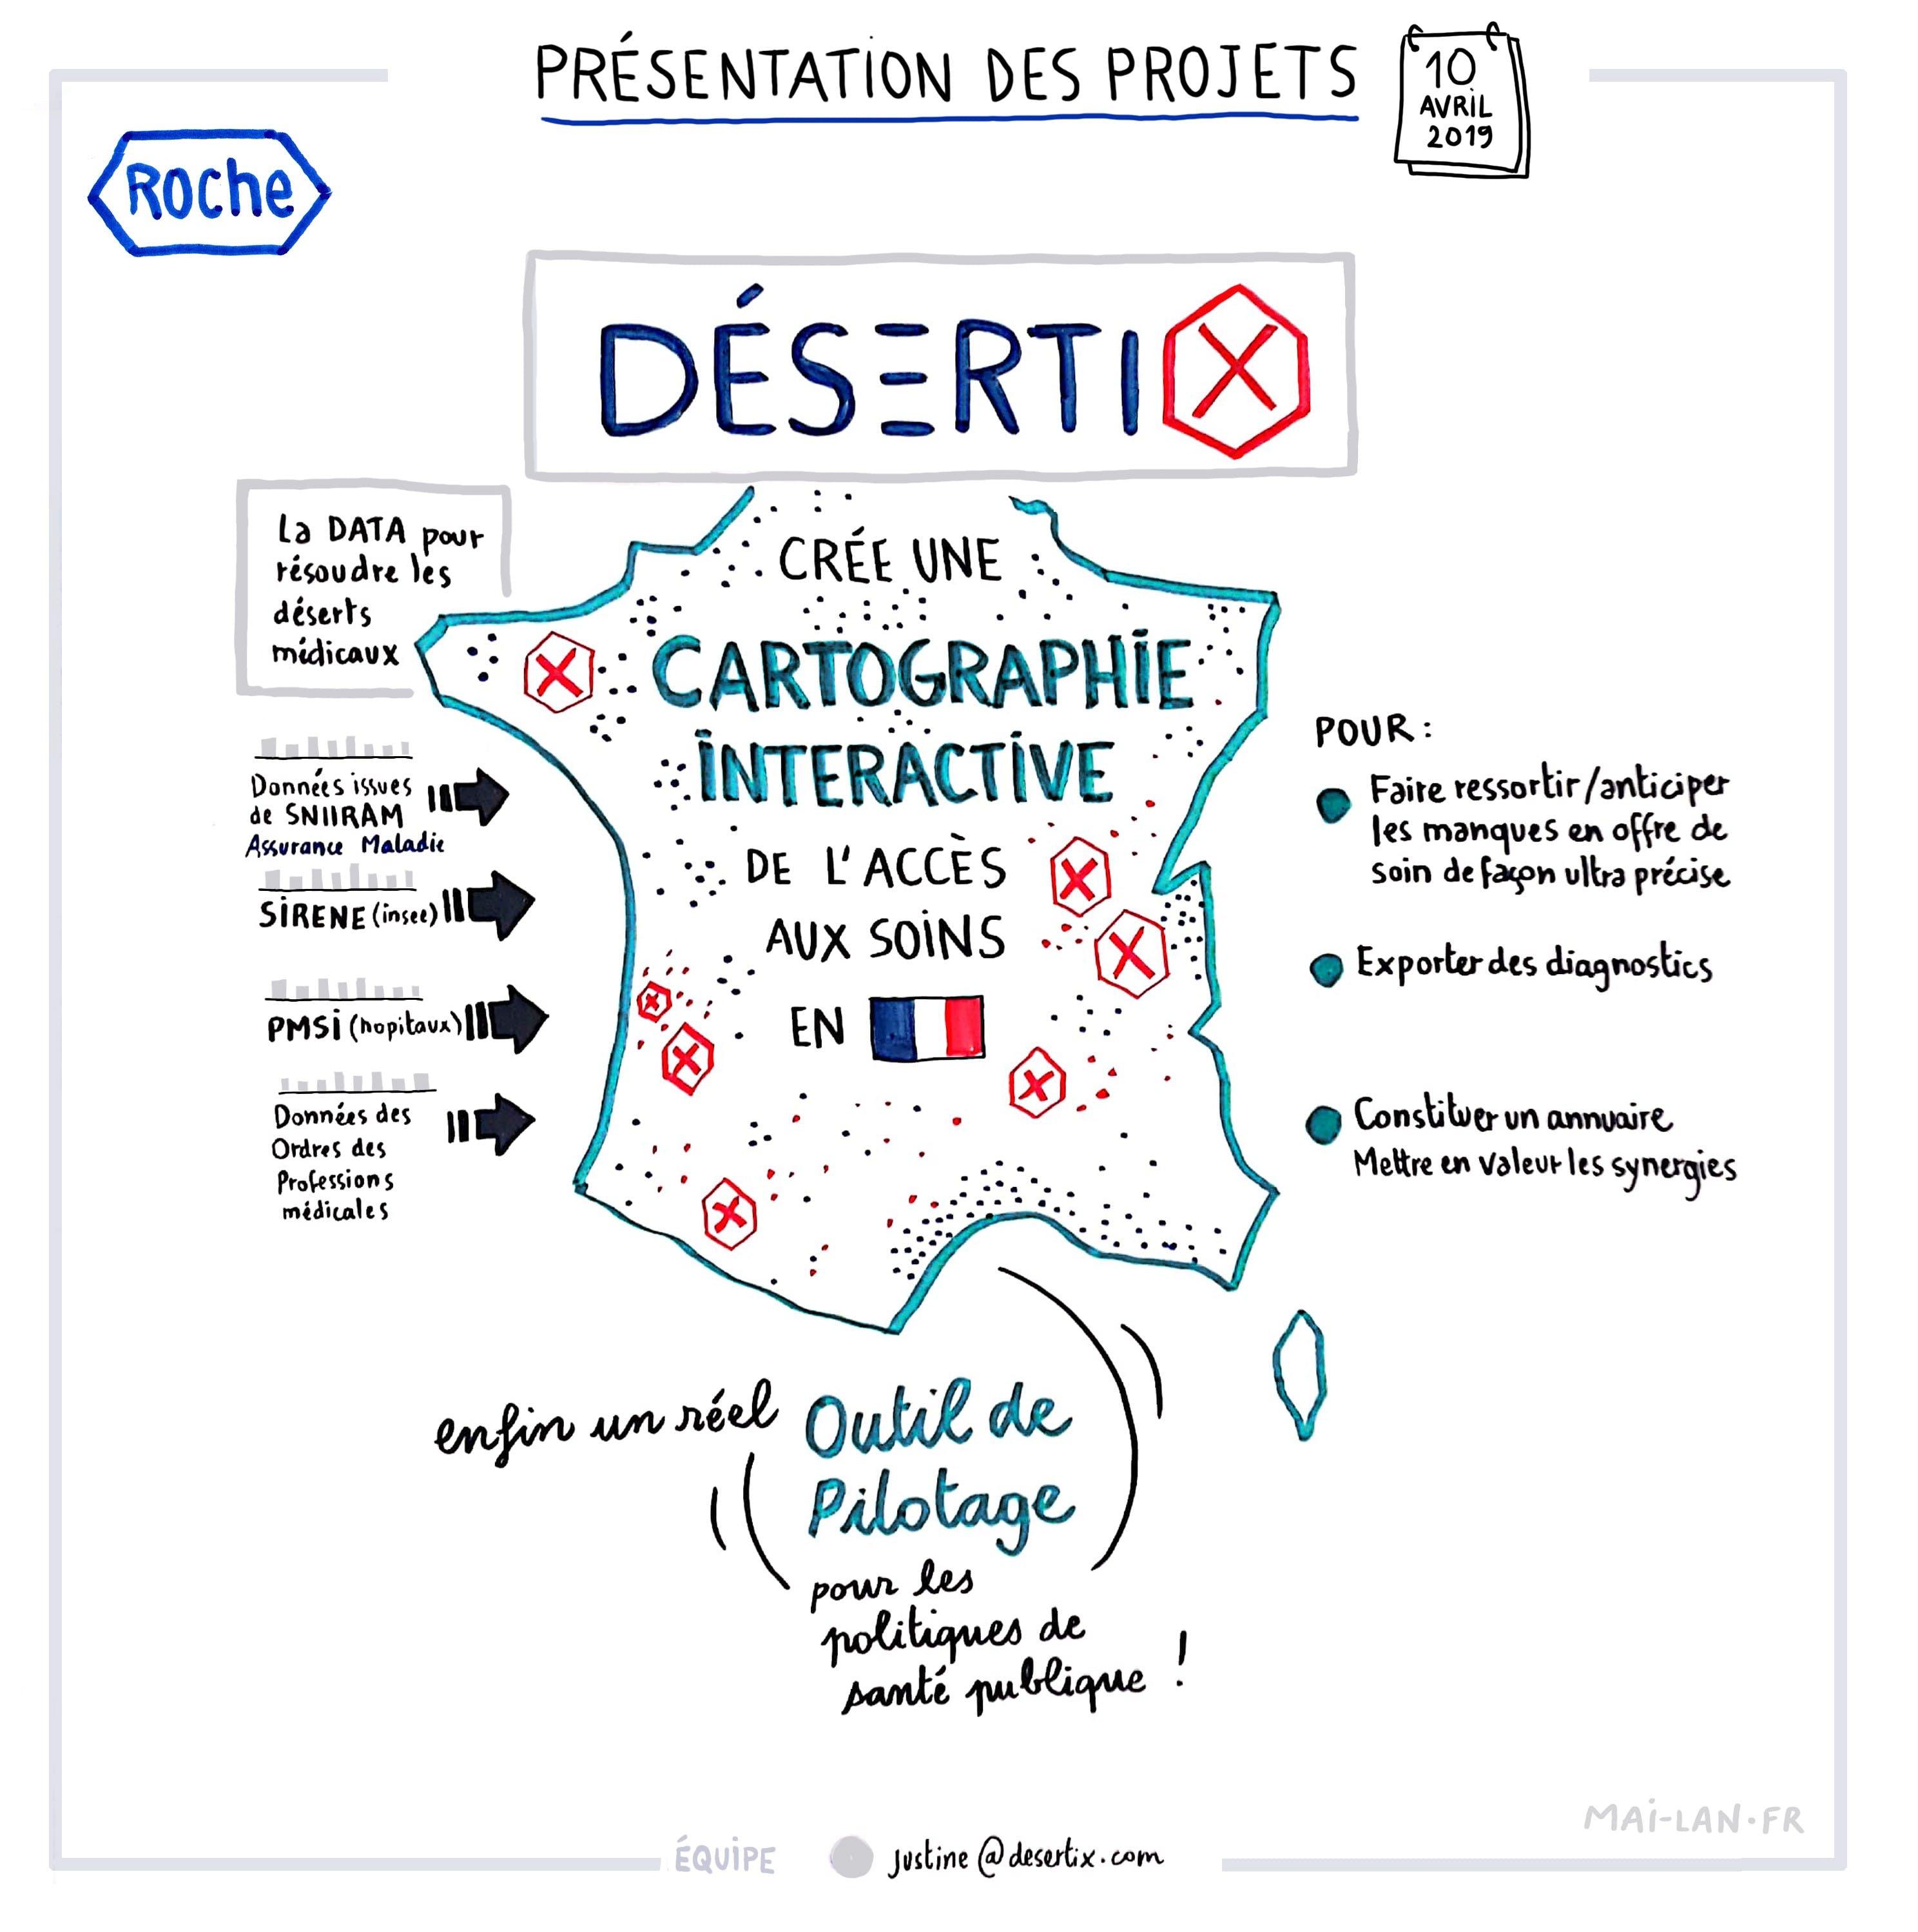 Desertix cartographie accès soins